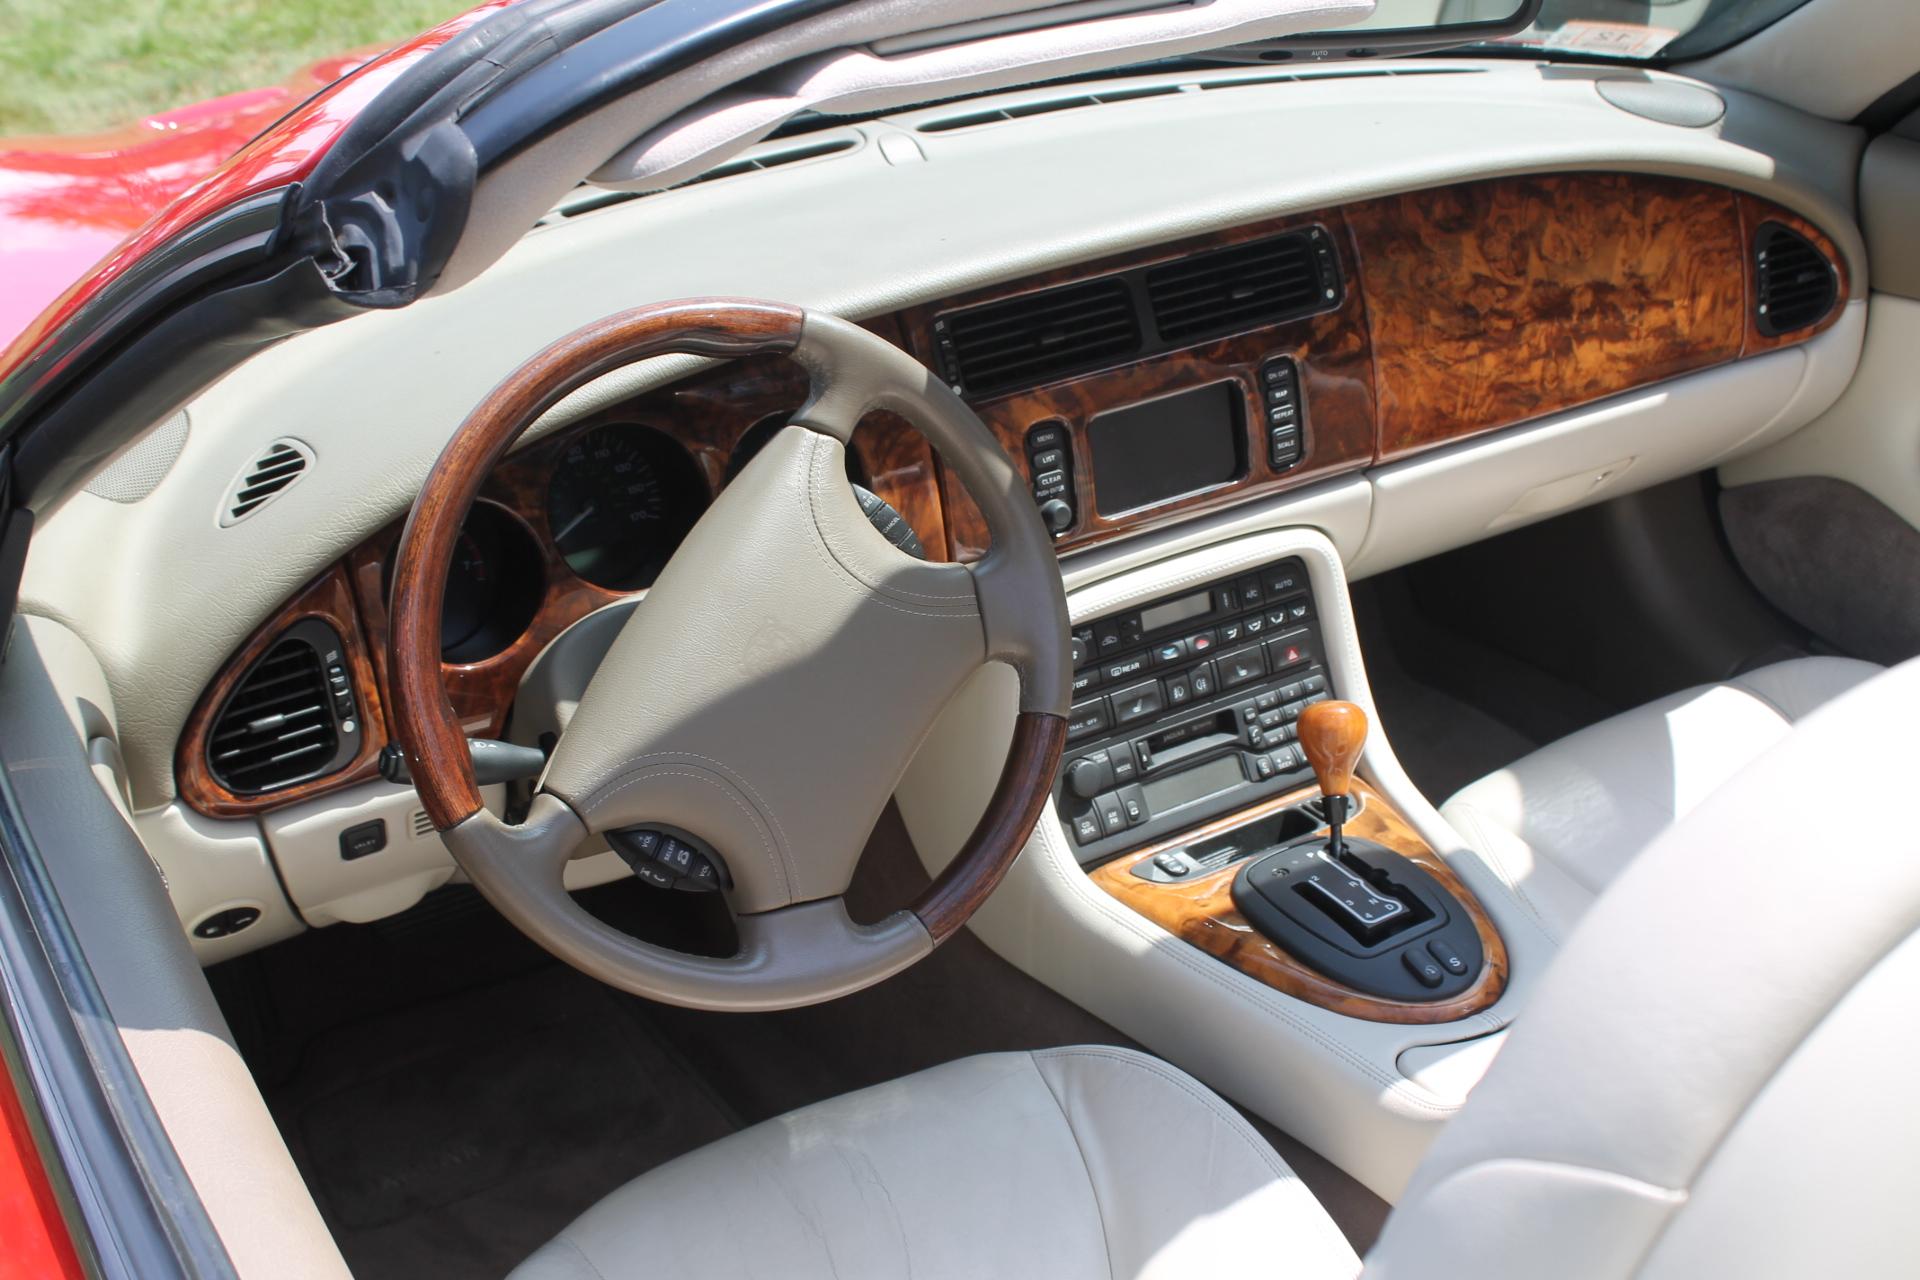 The jaguar xkr